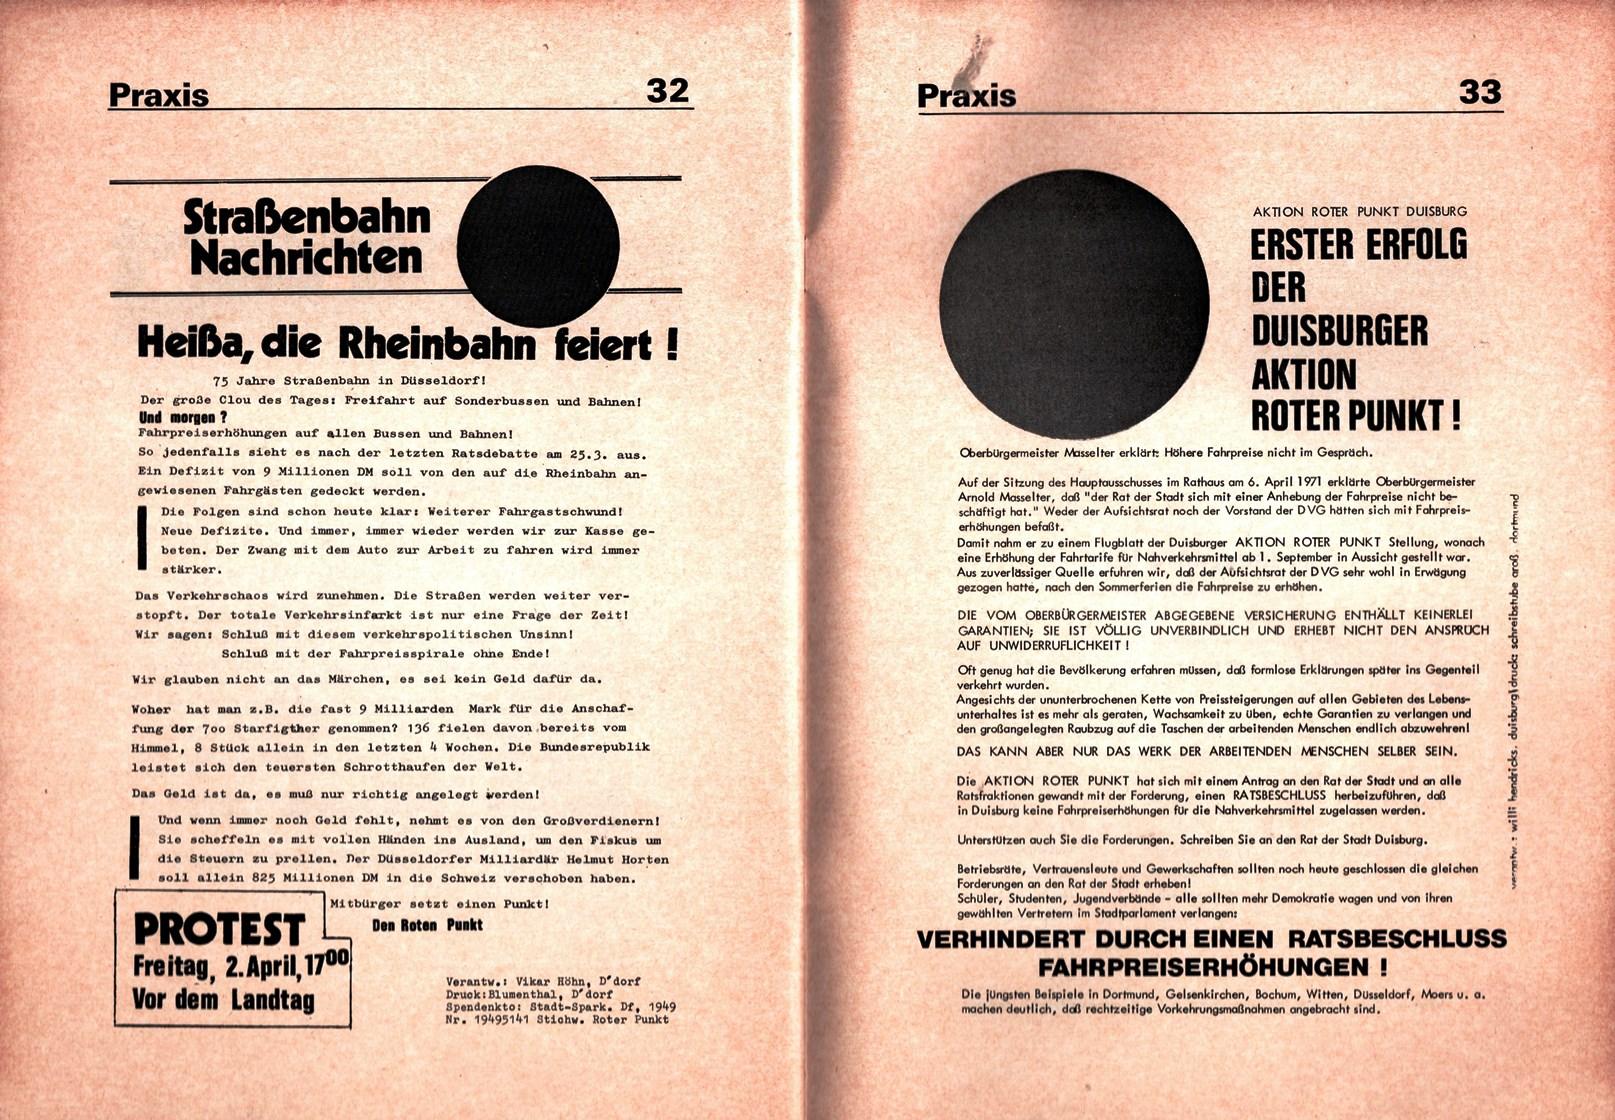 DKP_Praxis_1971_04_017